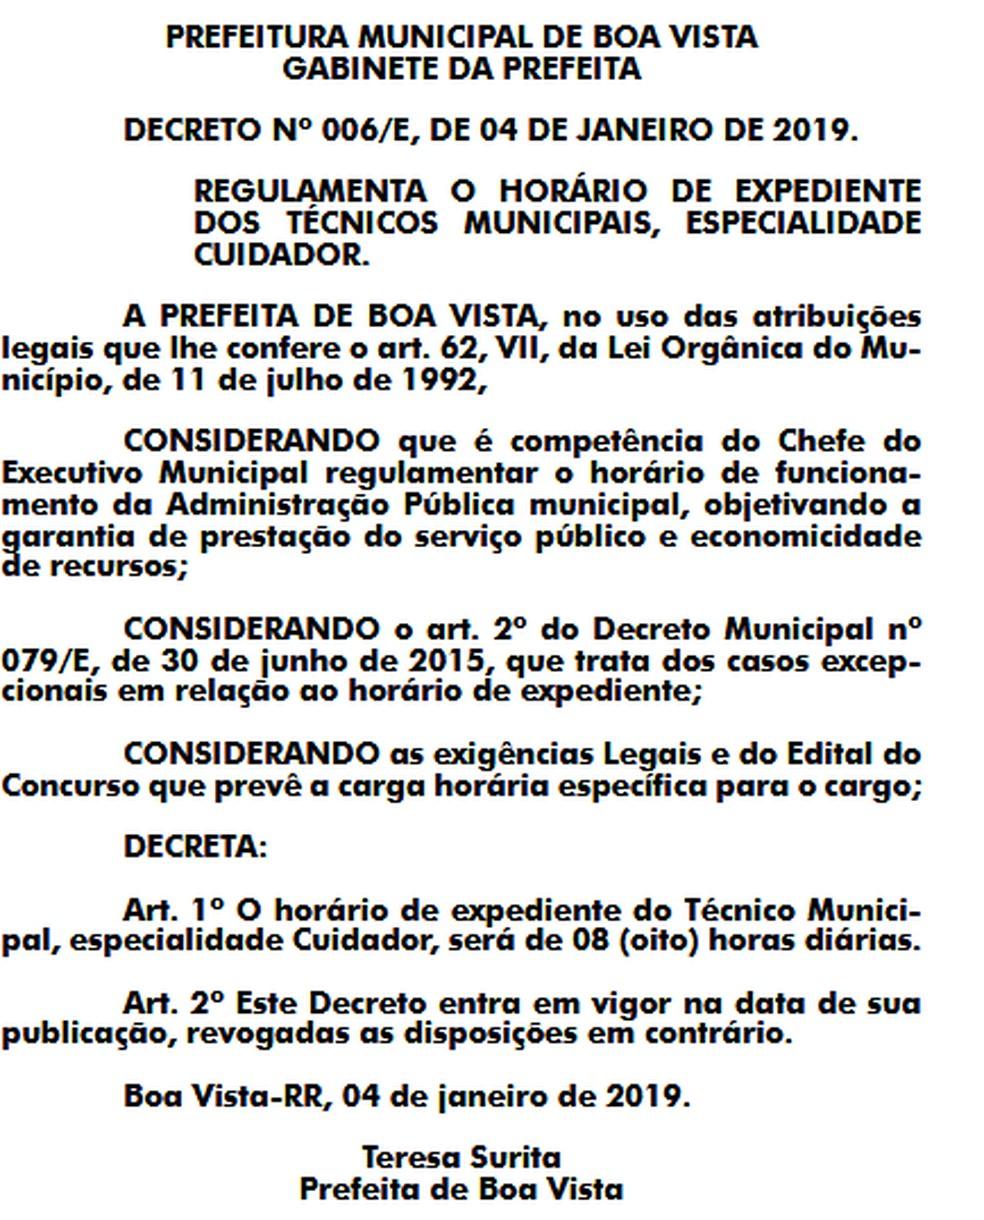 Decreto foi assinado na sexta (4) e publicado nesta segundo (7) no Diário Oficial do Município — Foto: Reprodução/ Diário Oficial do Município de Boa Vista